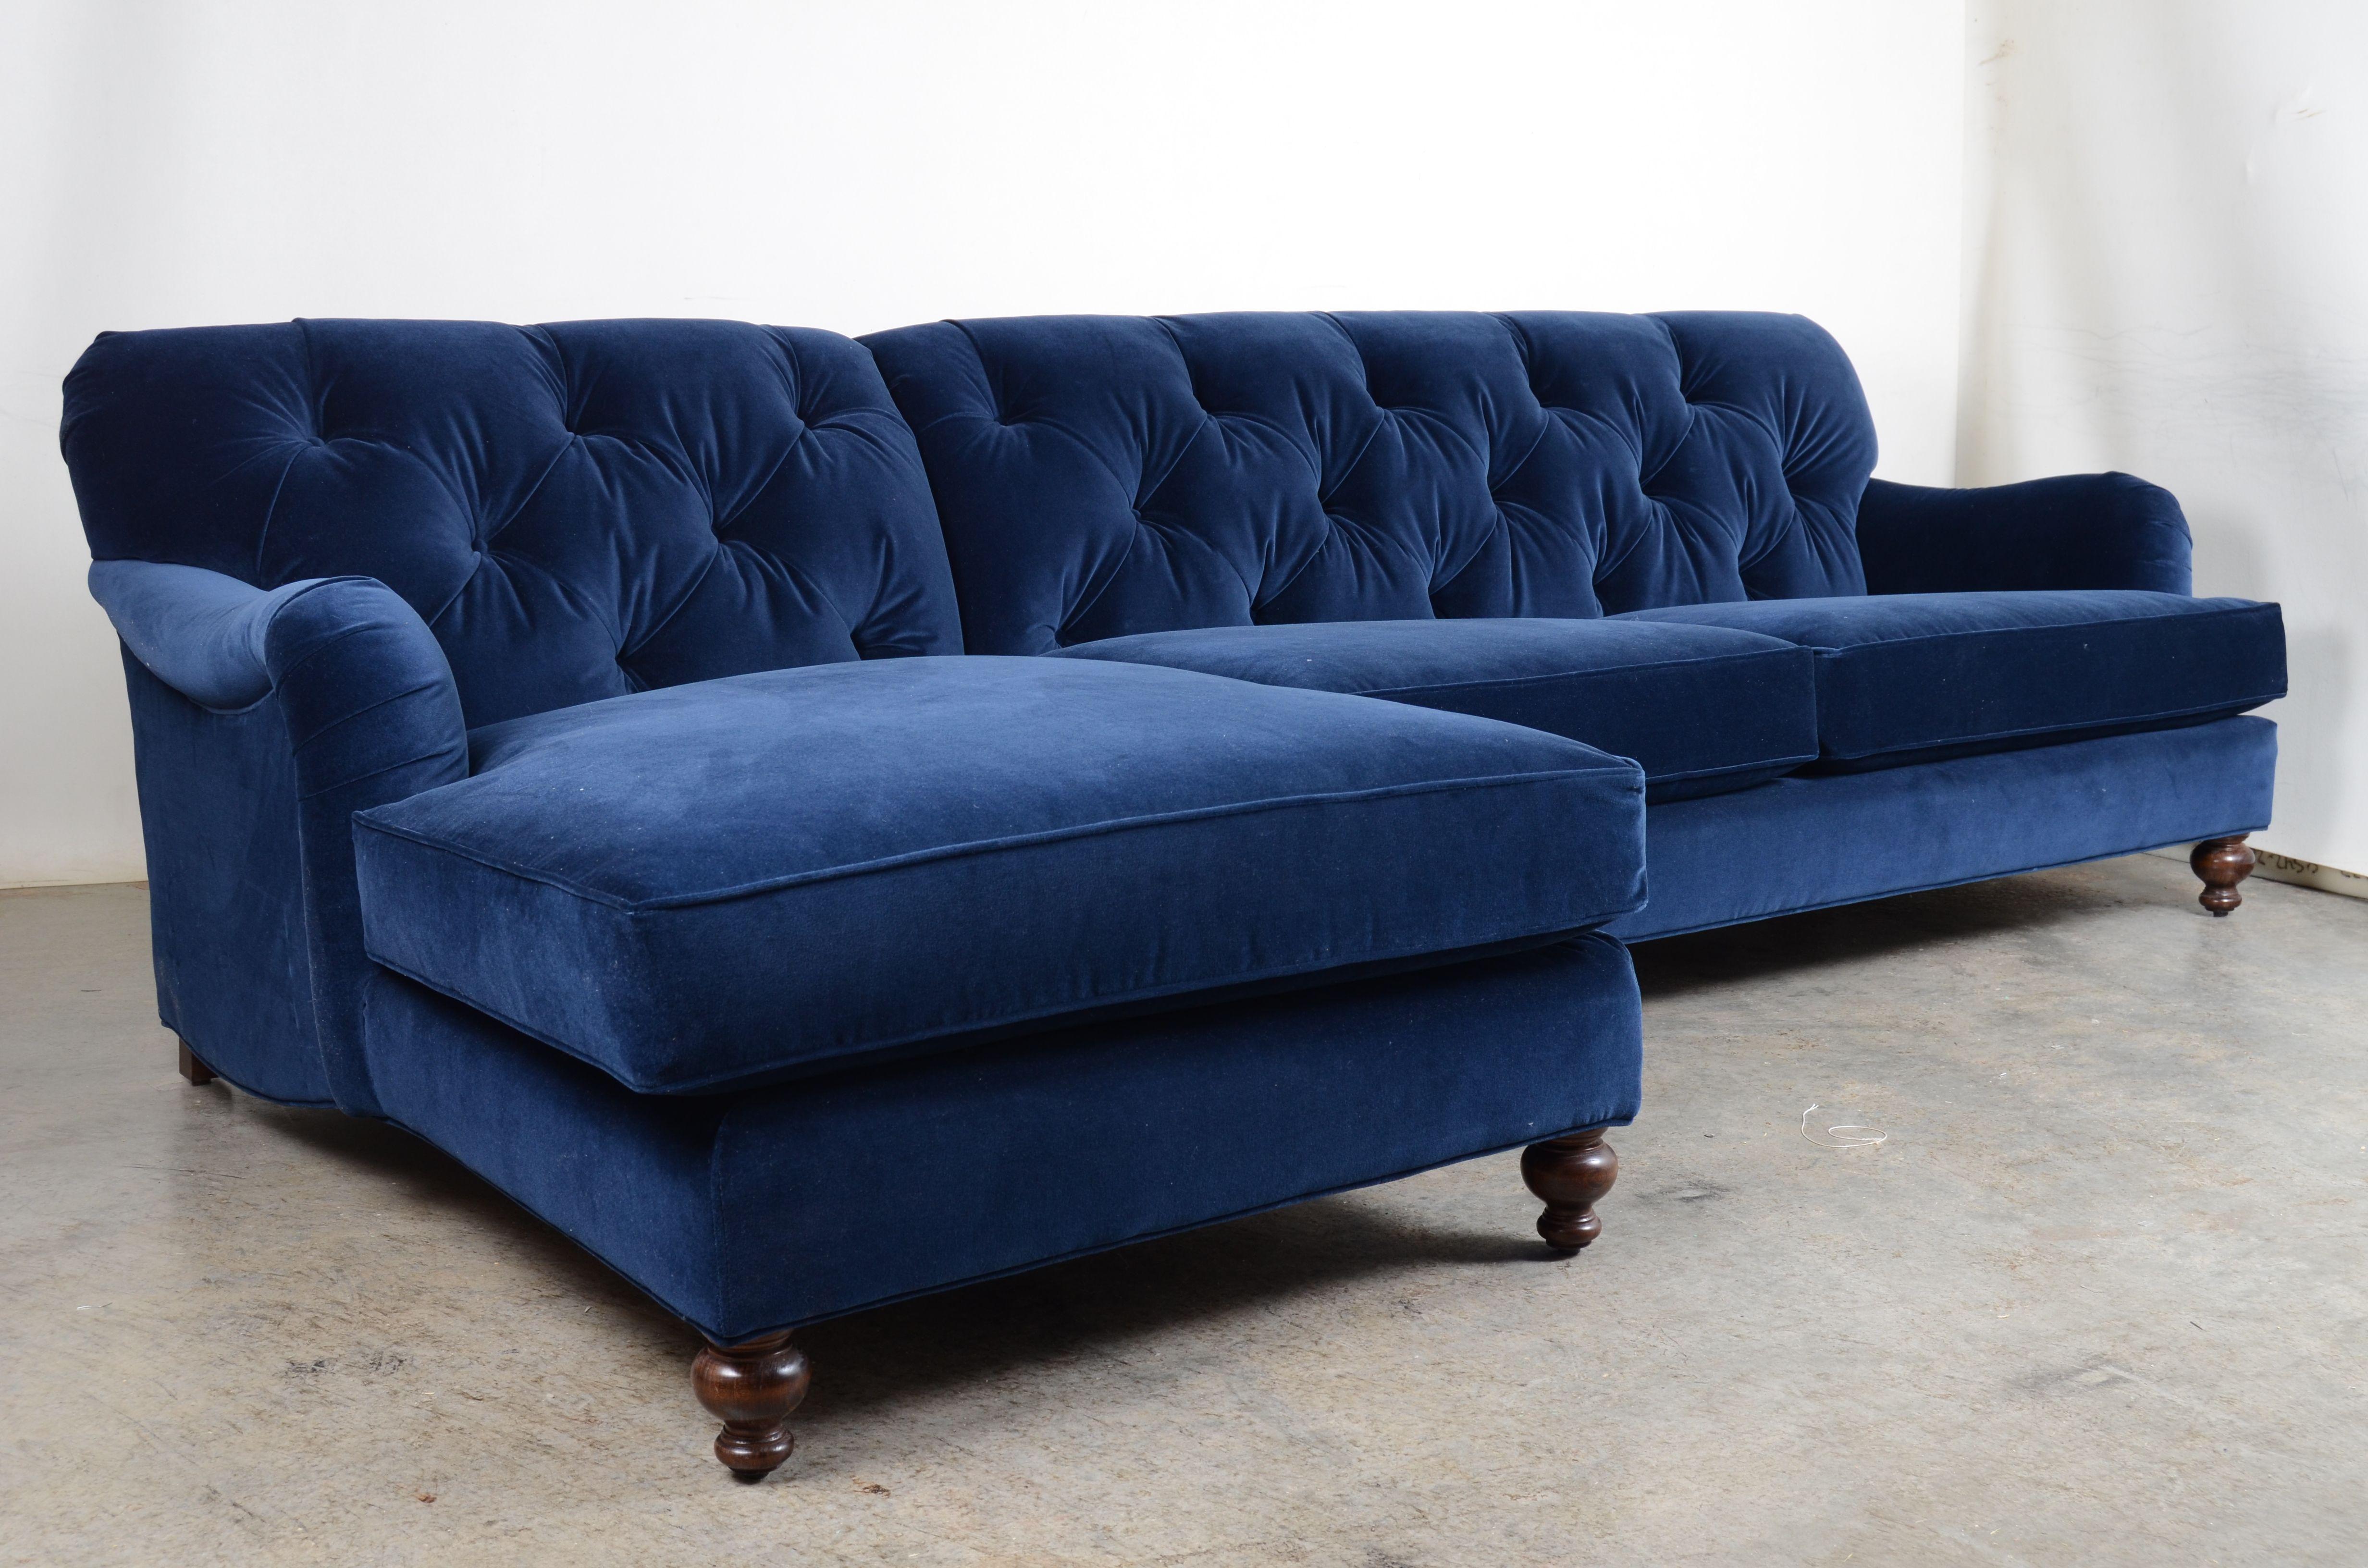 Our Eastover Chaise Sofa In Como Indigo Velvet Available As A Double Chaise As Well Indigo Indigointerior Bluevelv Blue Velvet Sofa Chaise Sofa Home Decor